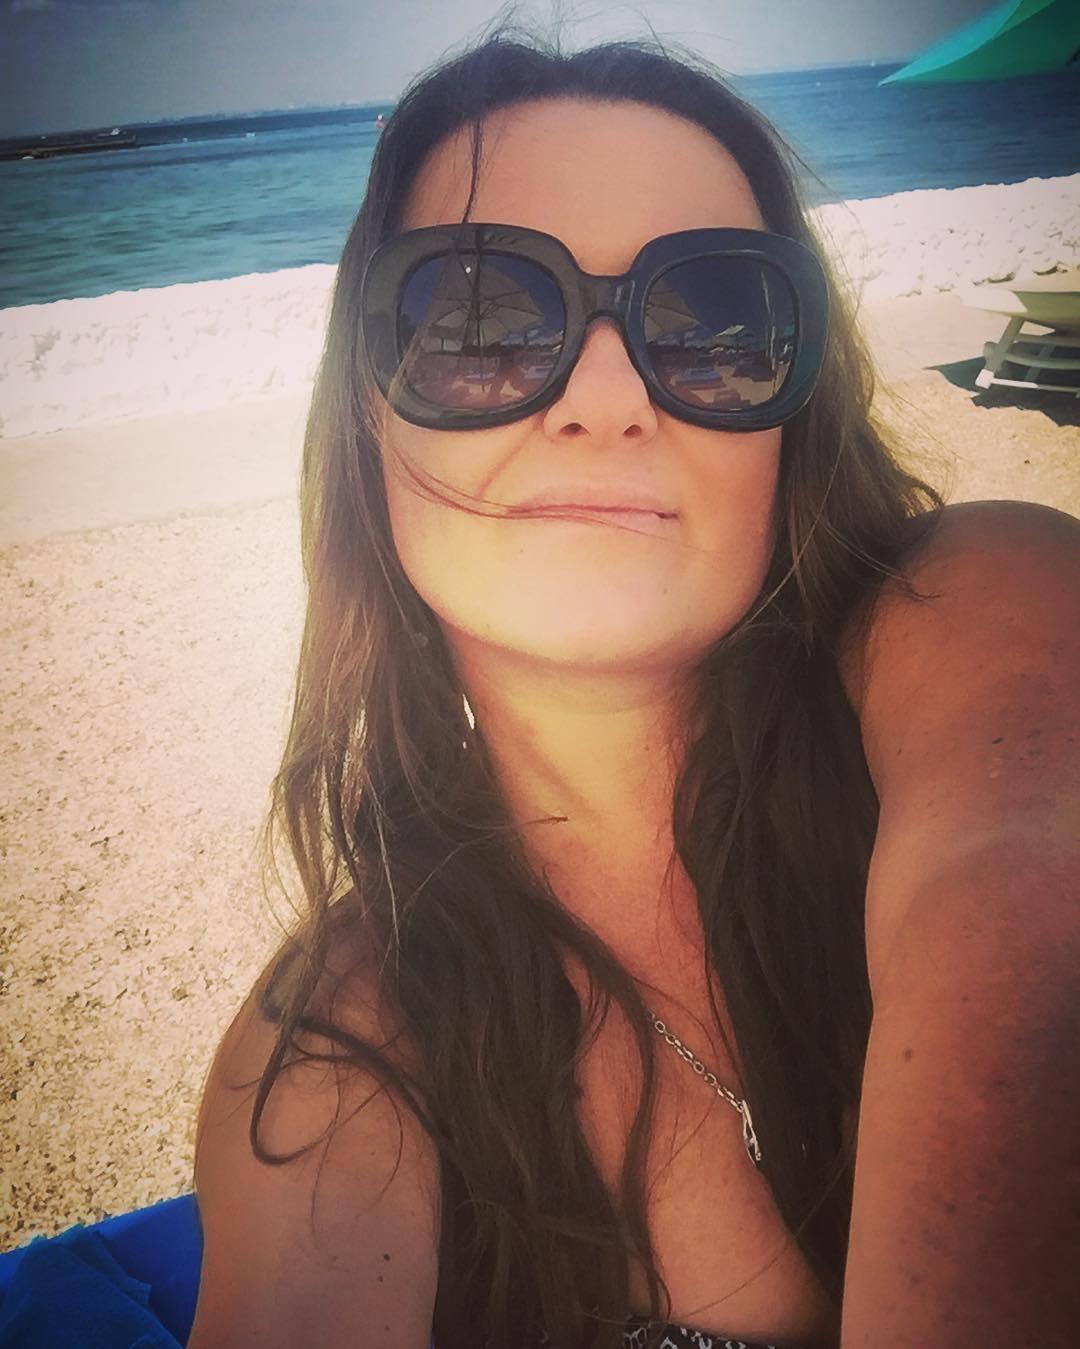 2_341 Наталья Могилевская в Одессе селфится на пляже